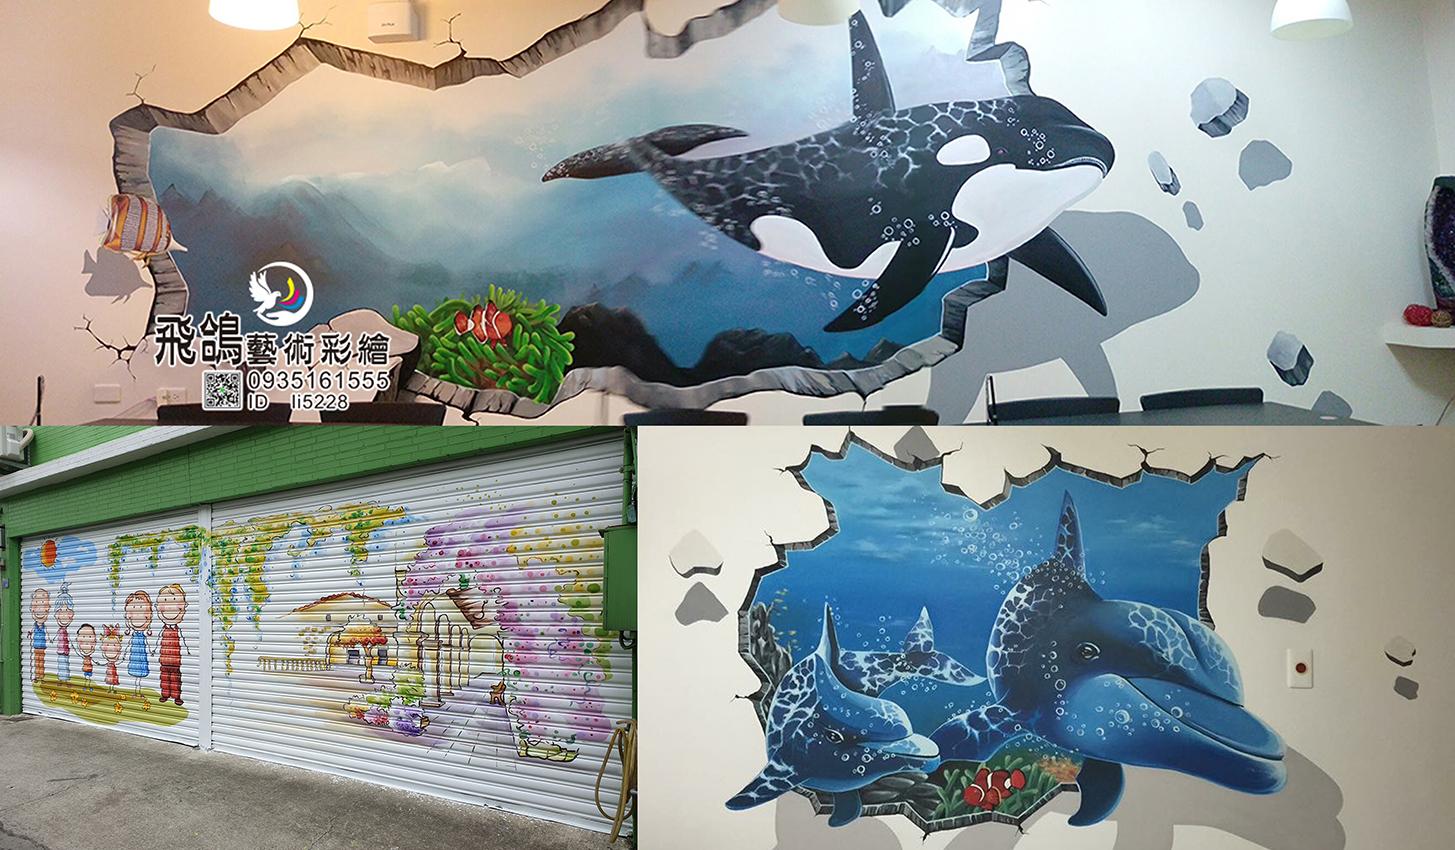 飛鴿牆壁彩繪 - 20200901231116-500275220.jpg(圖)